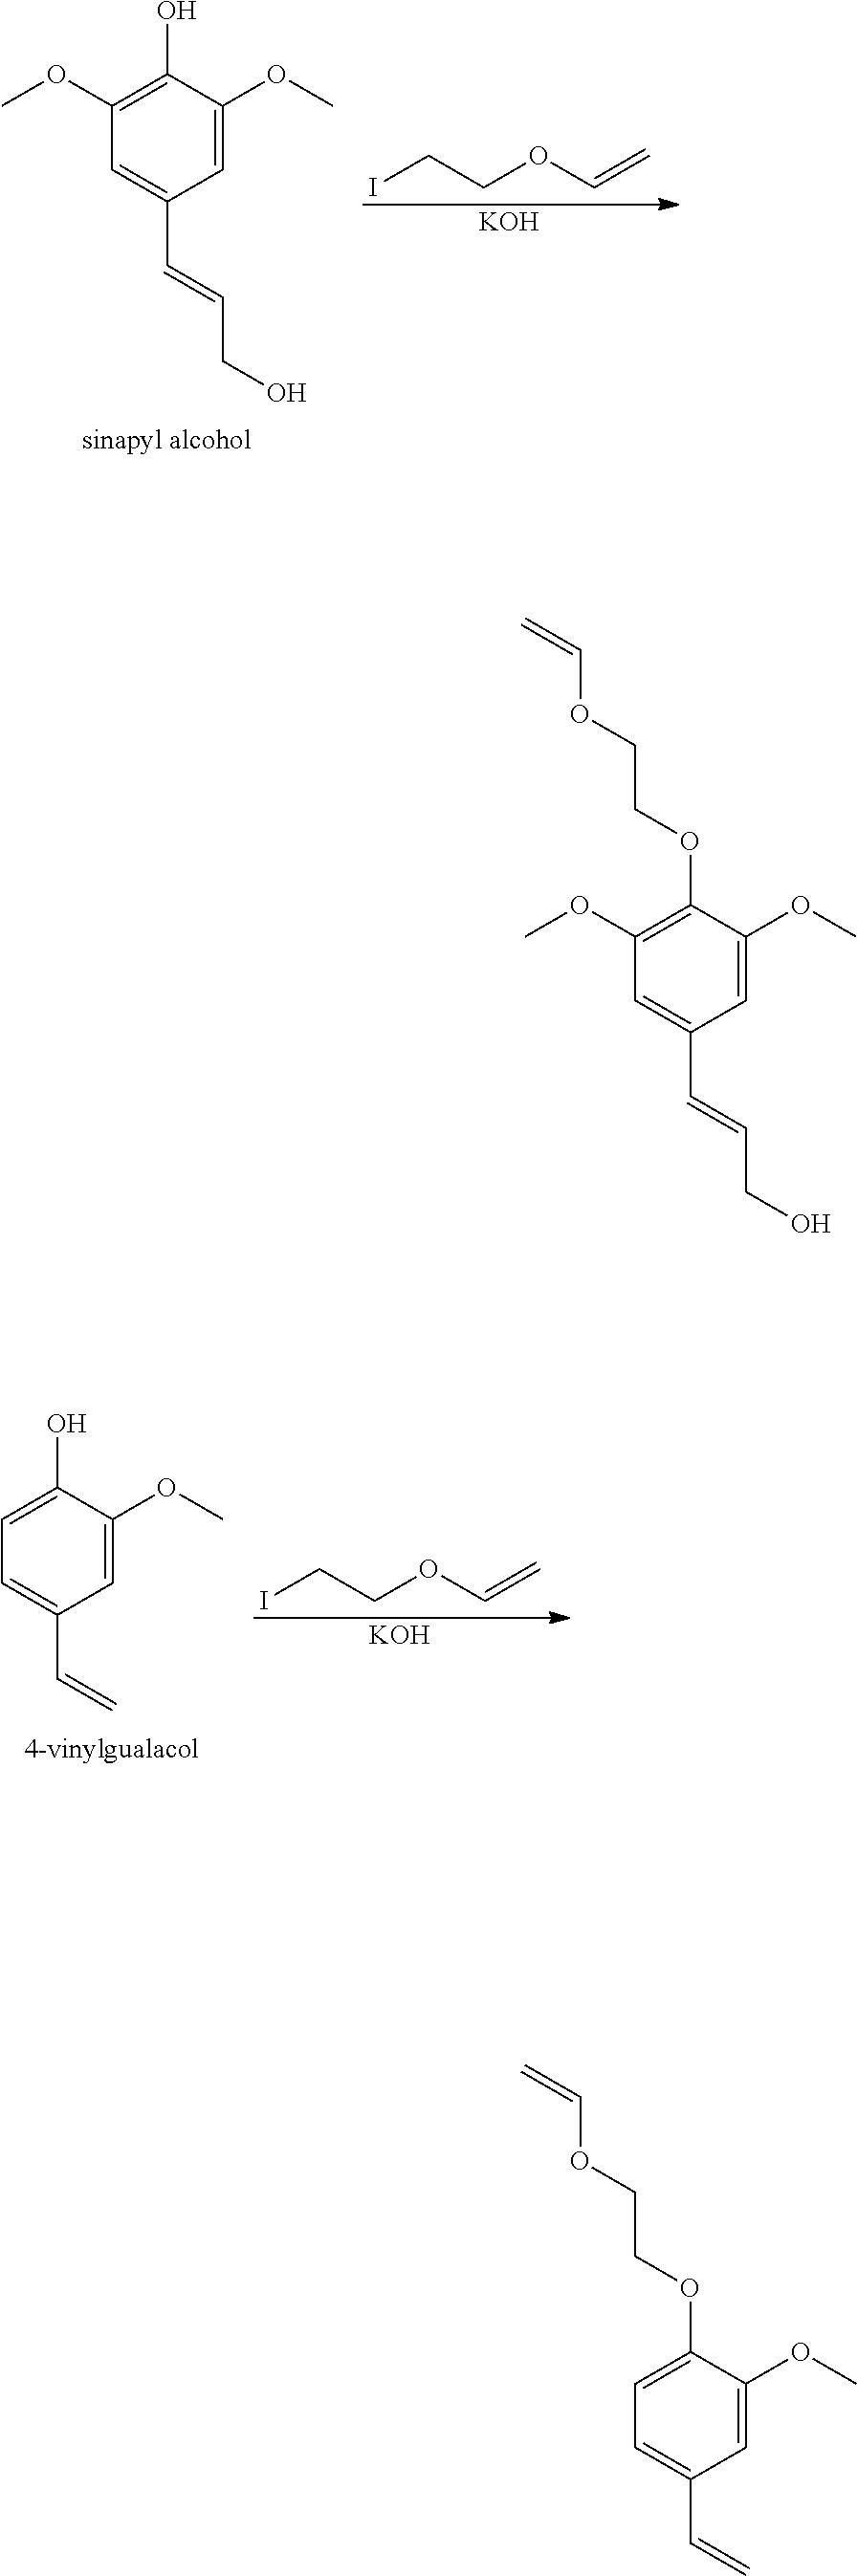 Figure US09630897-20170425-C00010